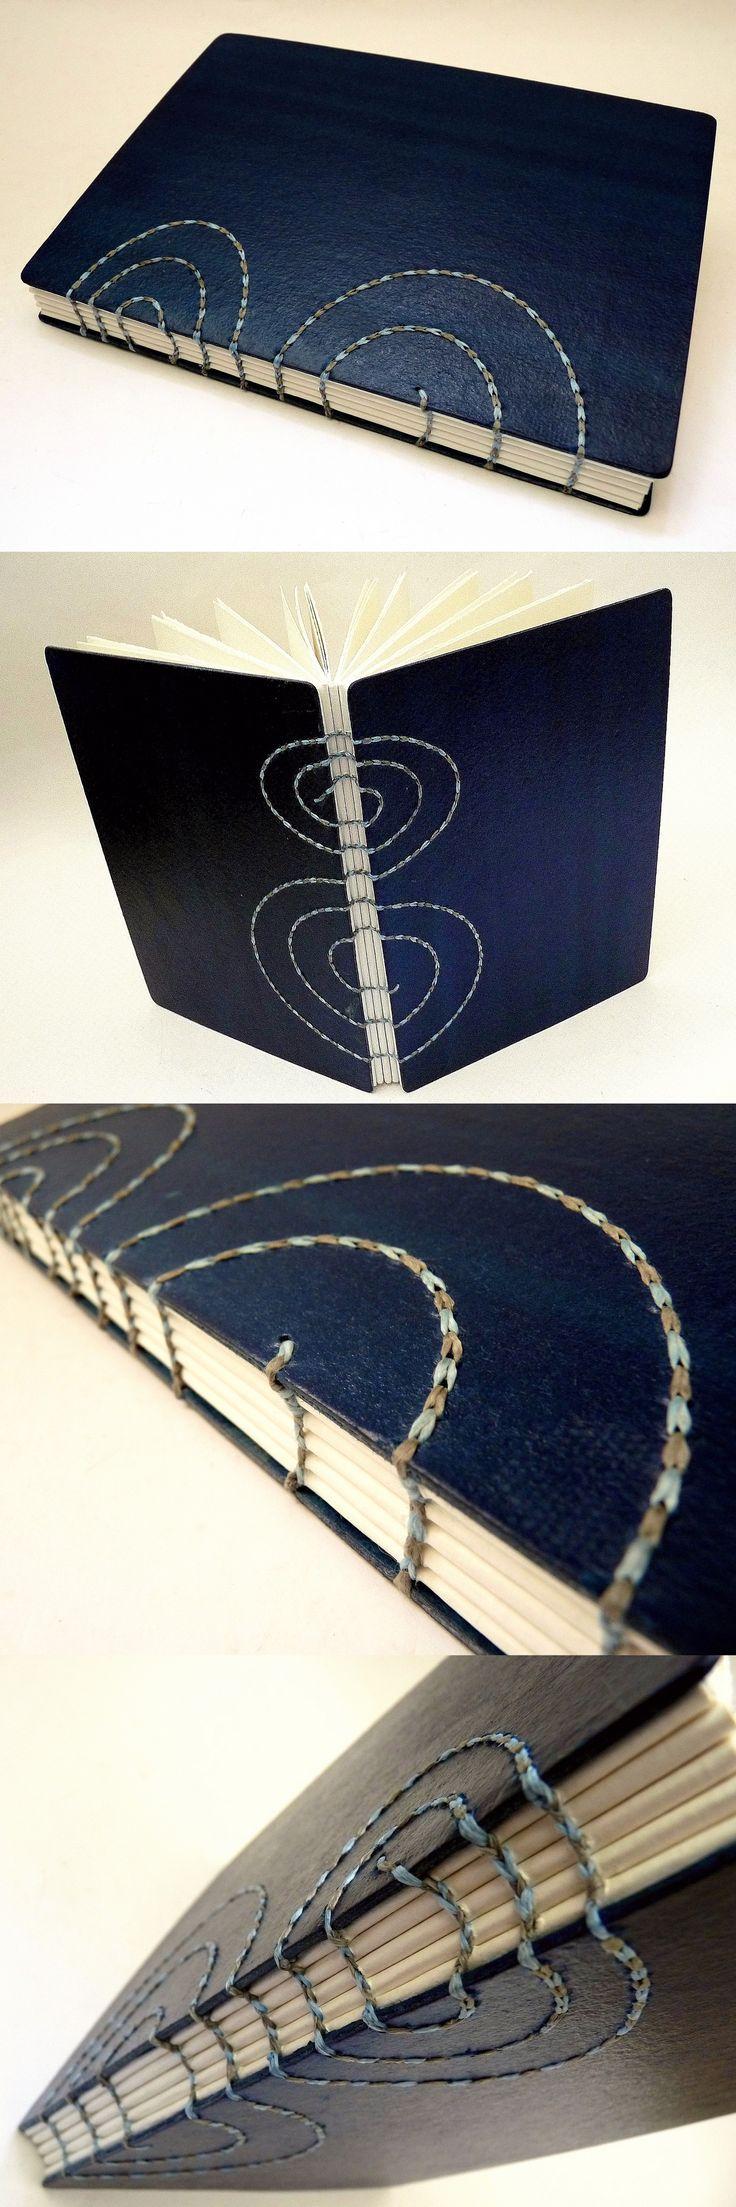 sketchbook, capas bordadas, encadernação copta. Luisa Gomes Cardoso para o Canteiro de Alfaces